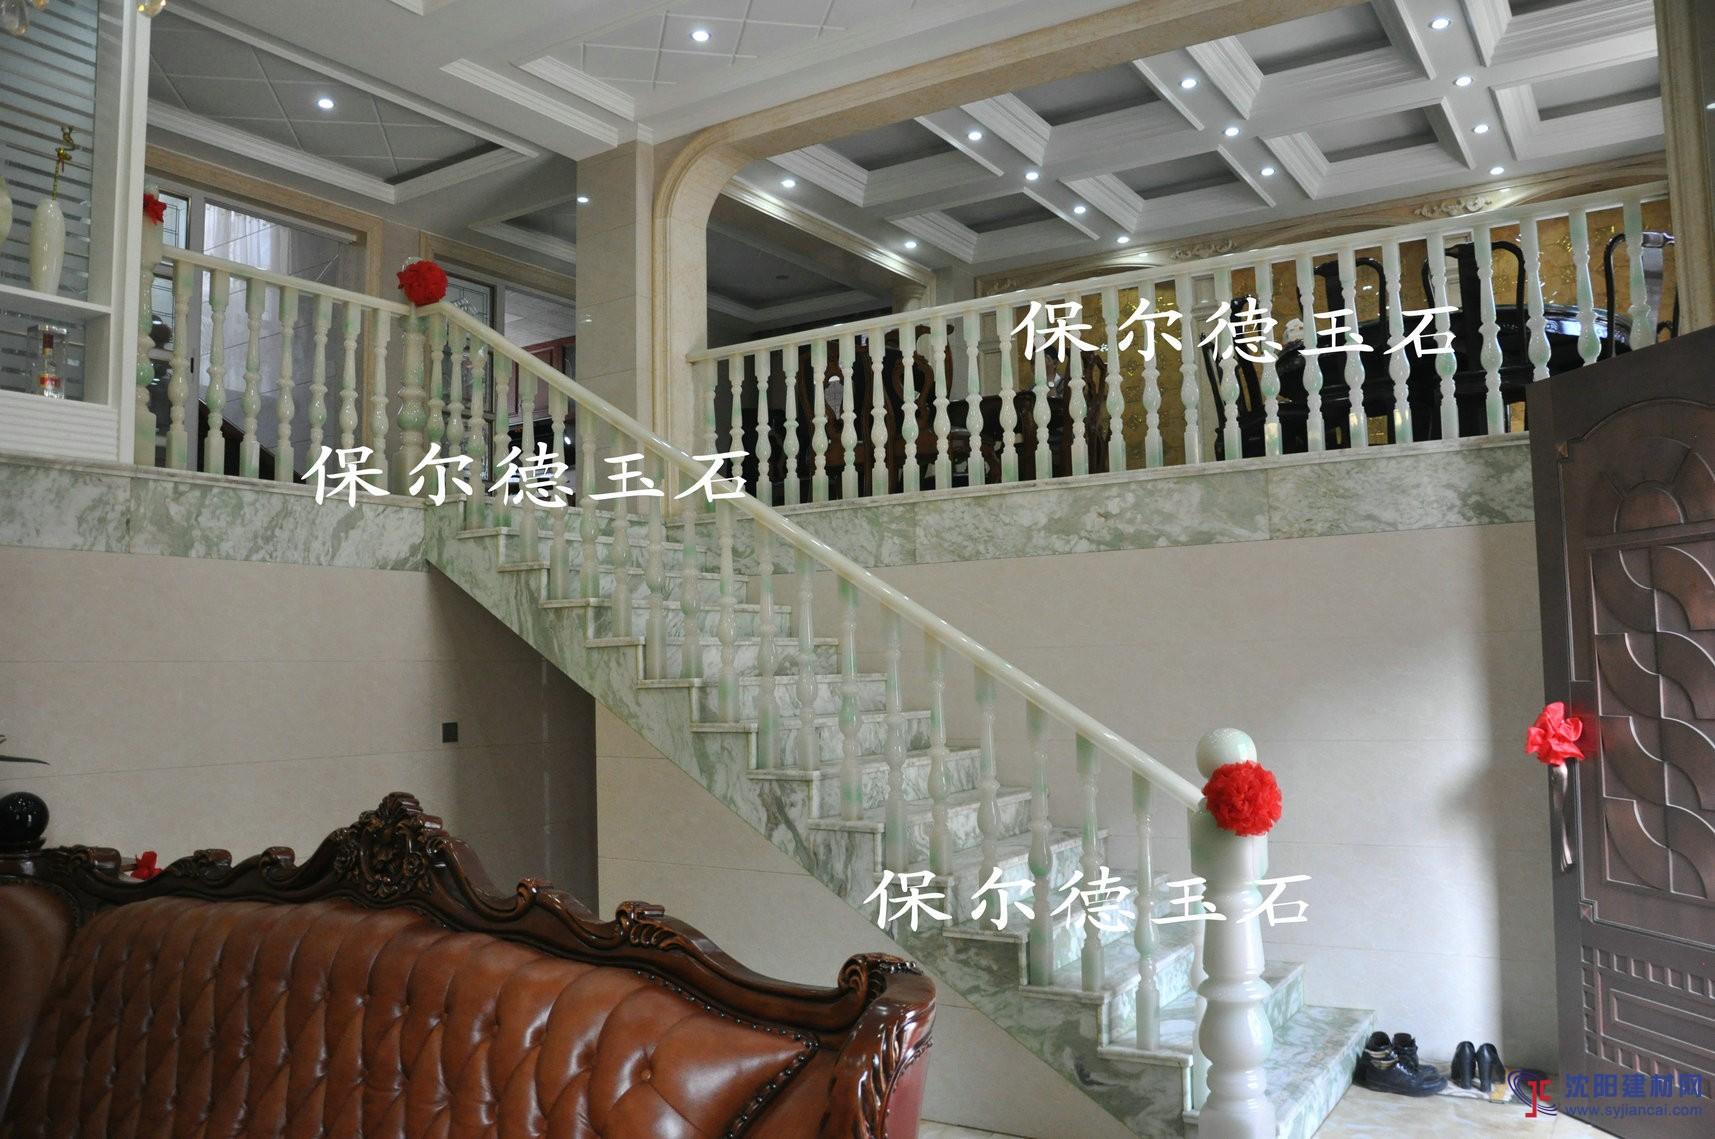 玛瑙玉石楼梯 仿玉石楼梯扶手